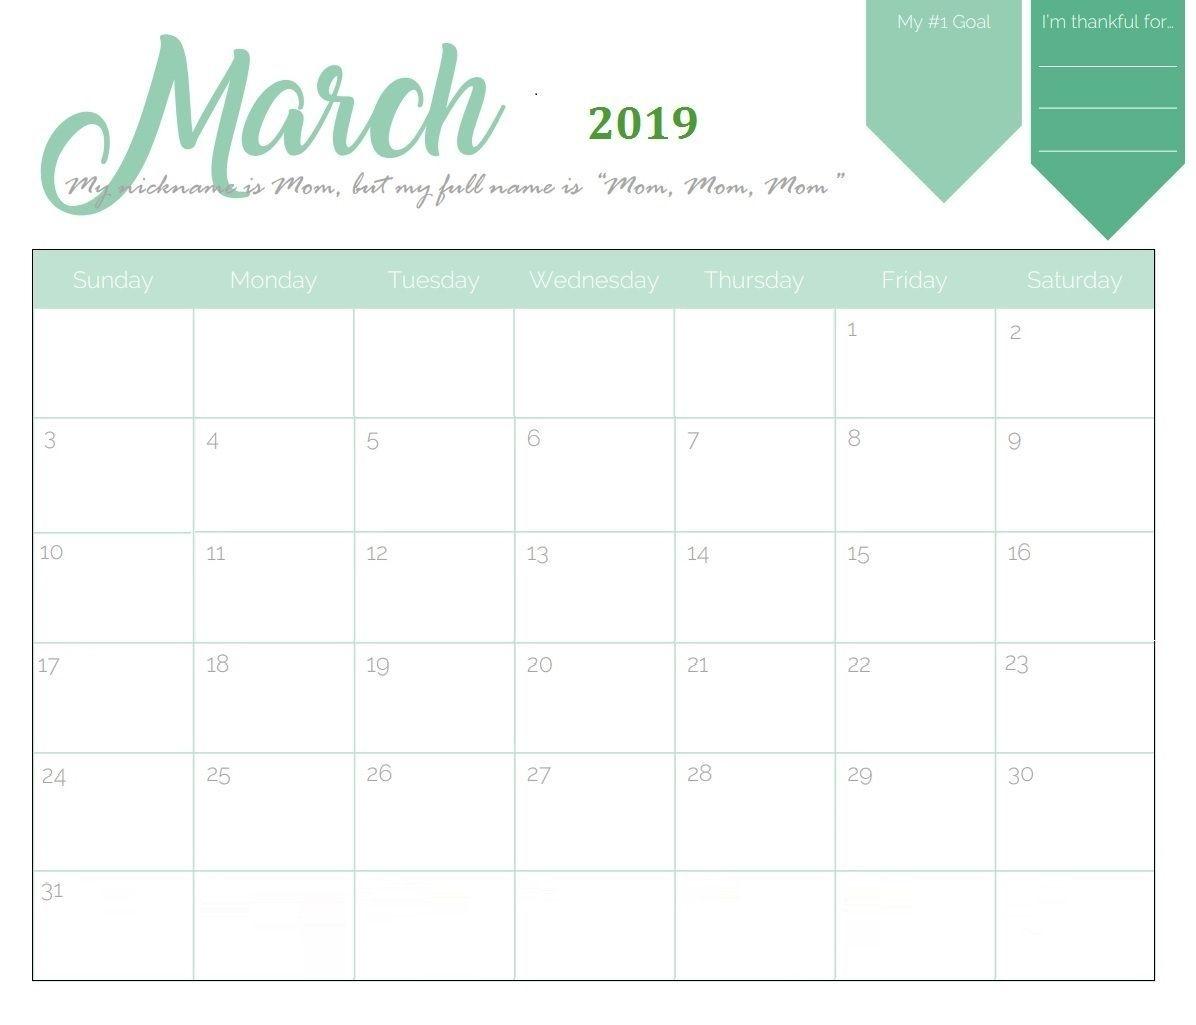 Unique March 2019 Calendar Template #March #Marchcalendar